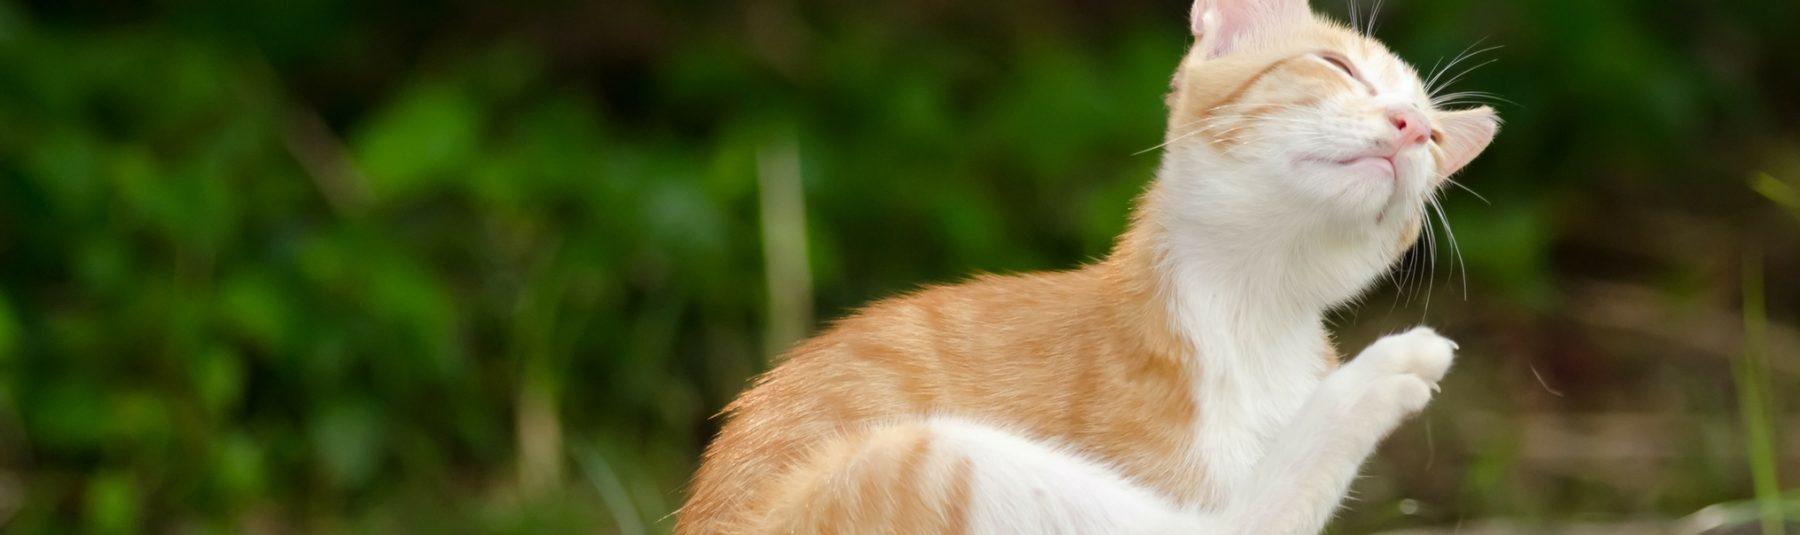 cat-fleas